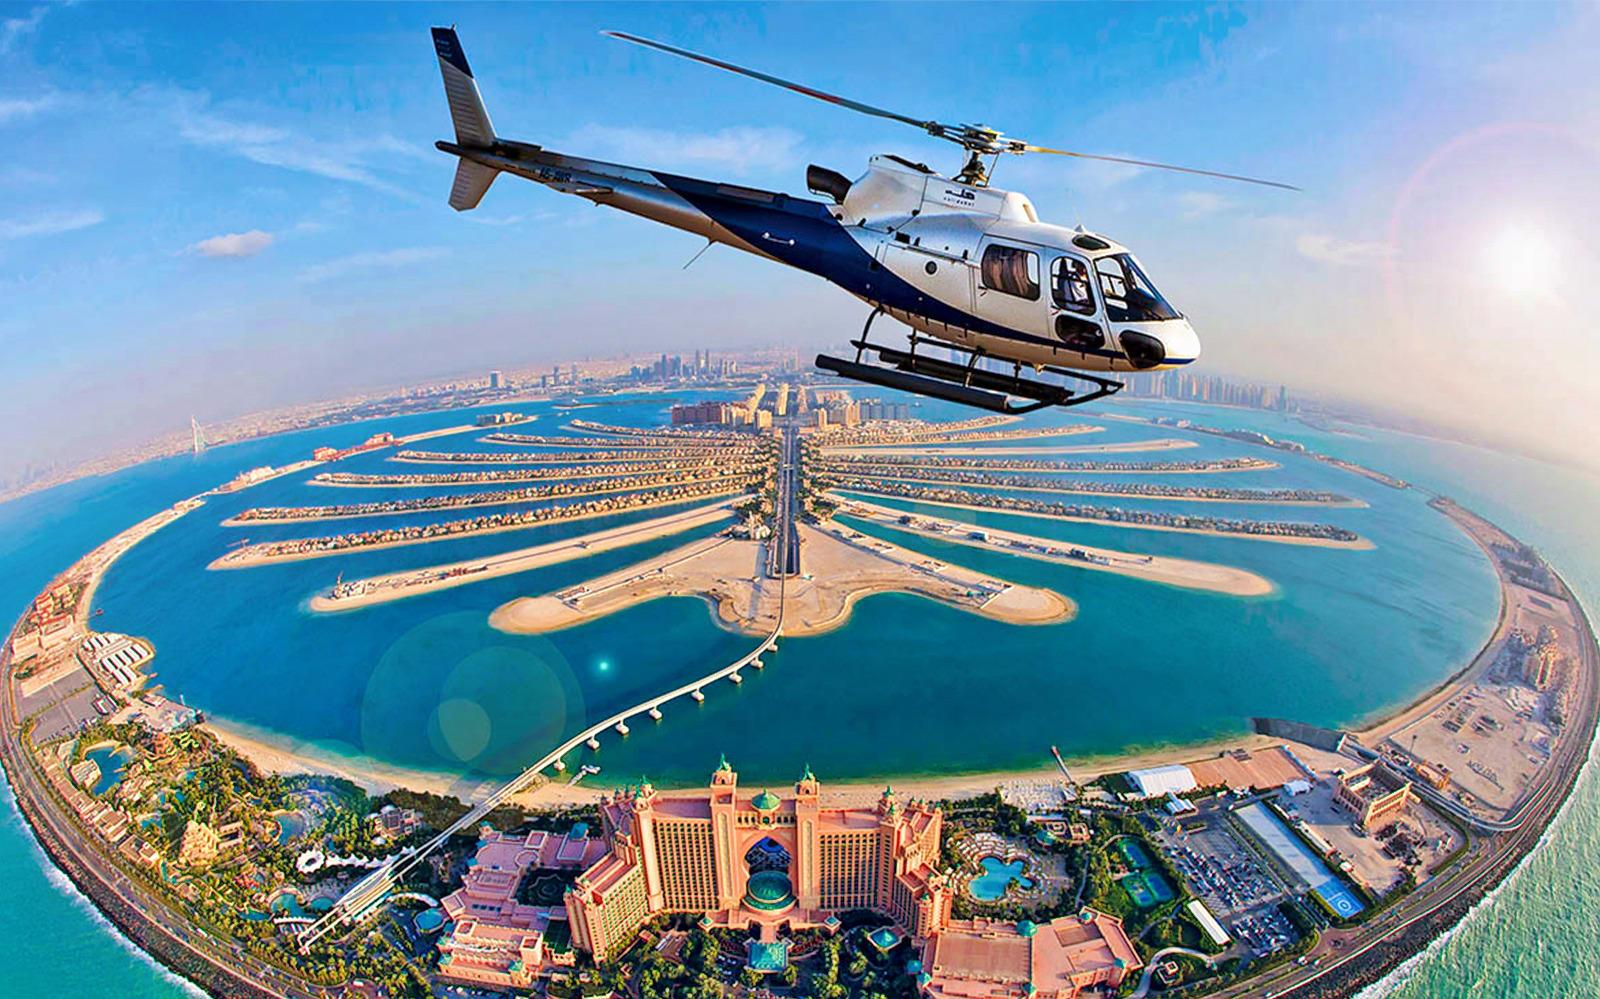 از لوکس ترین تفریحات دبی هلیکوپتر سواری